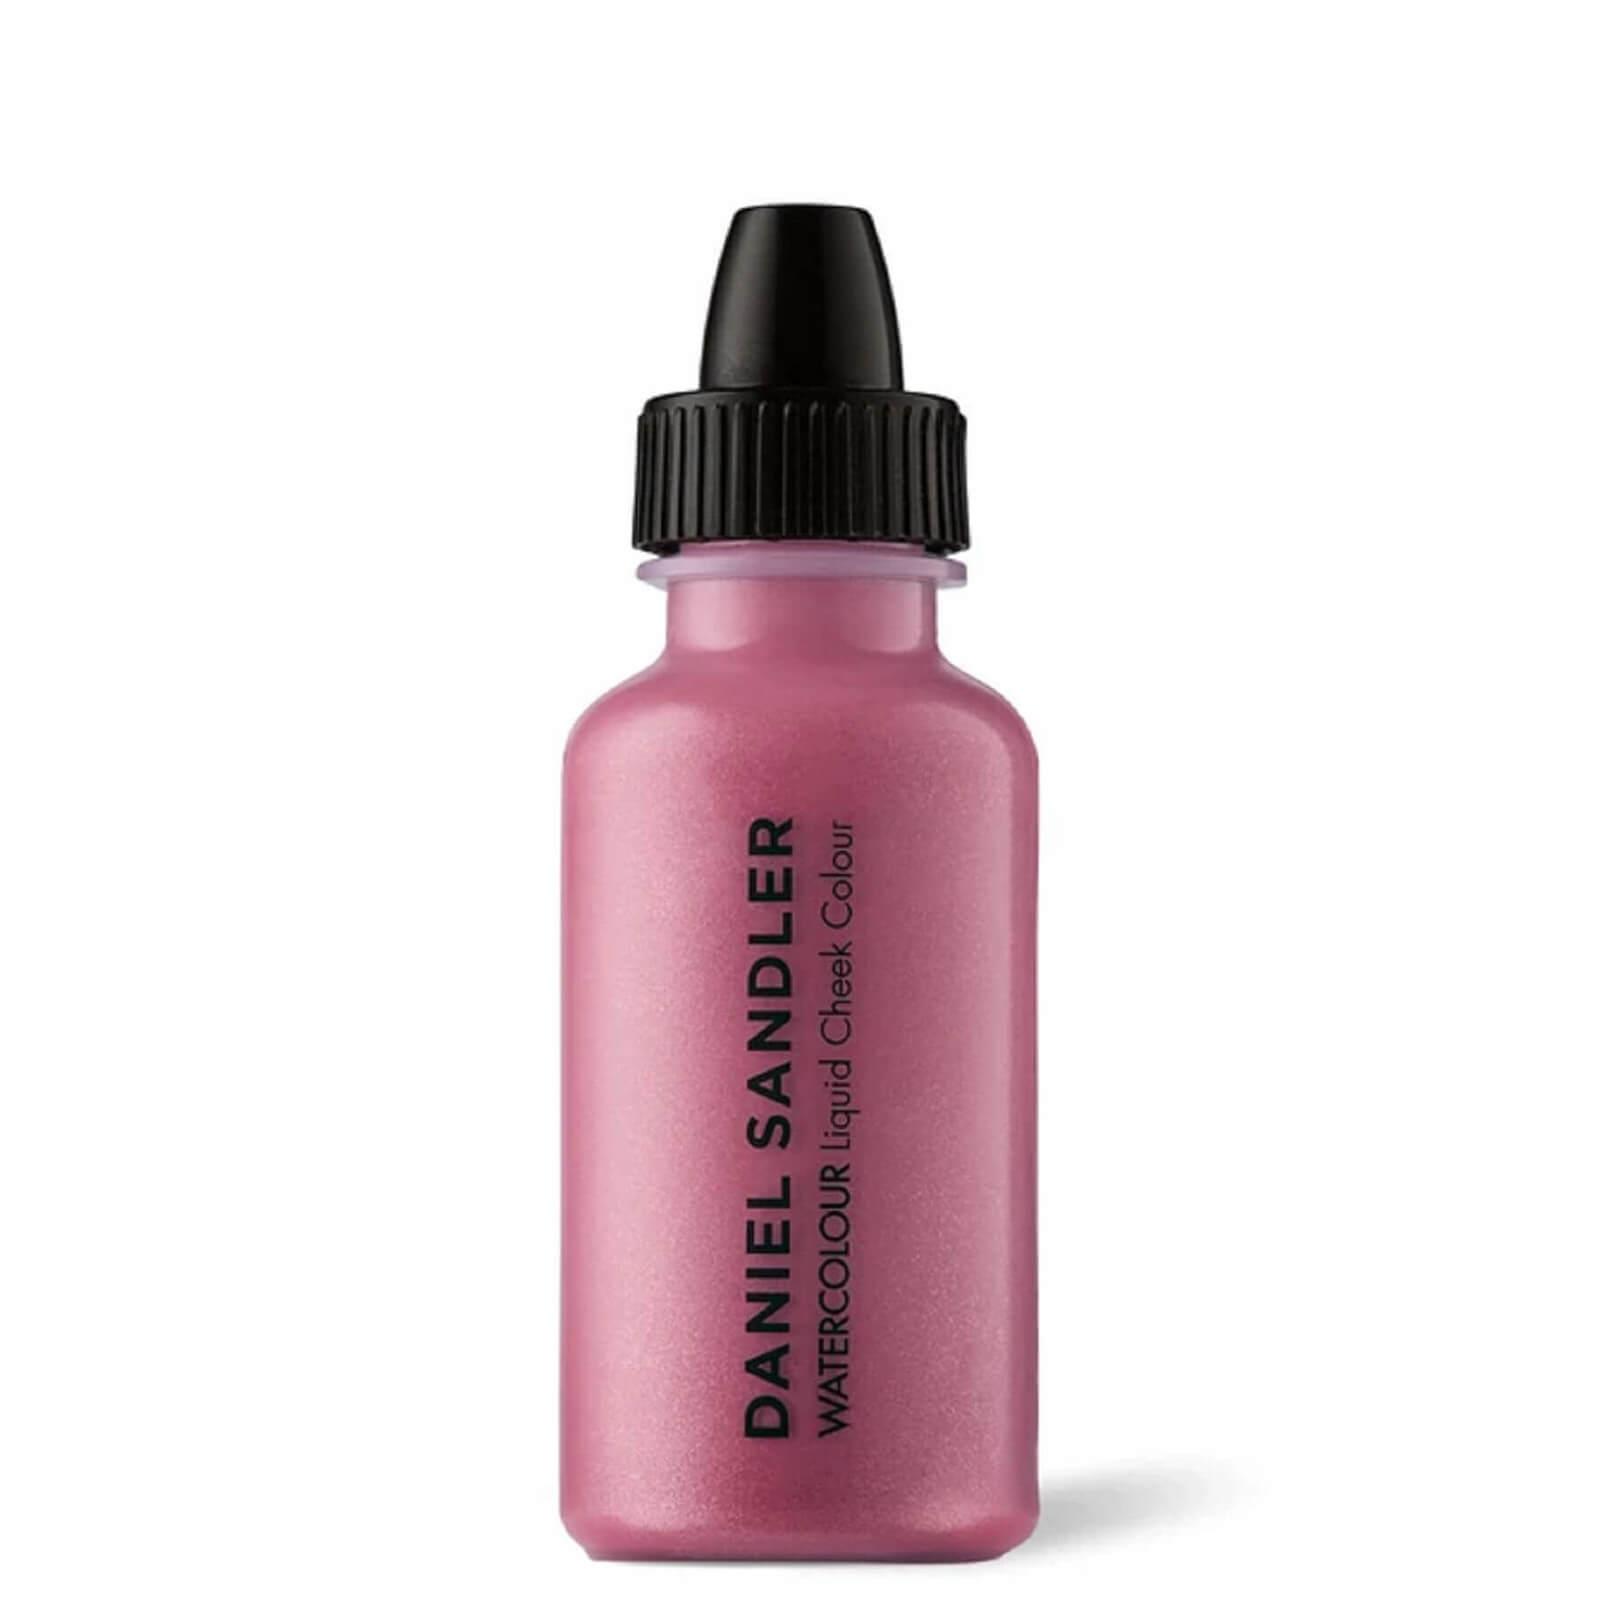 Купить Жидкие румяна Daniel Sandler Watercolour Fluid Blusher 15 мл (различные оттенки) - So Pretty